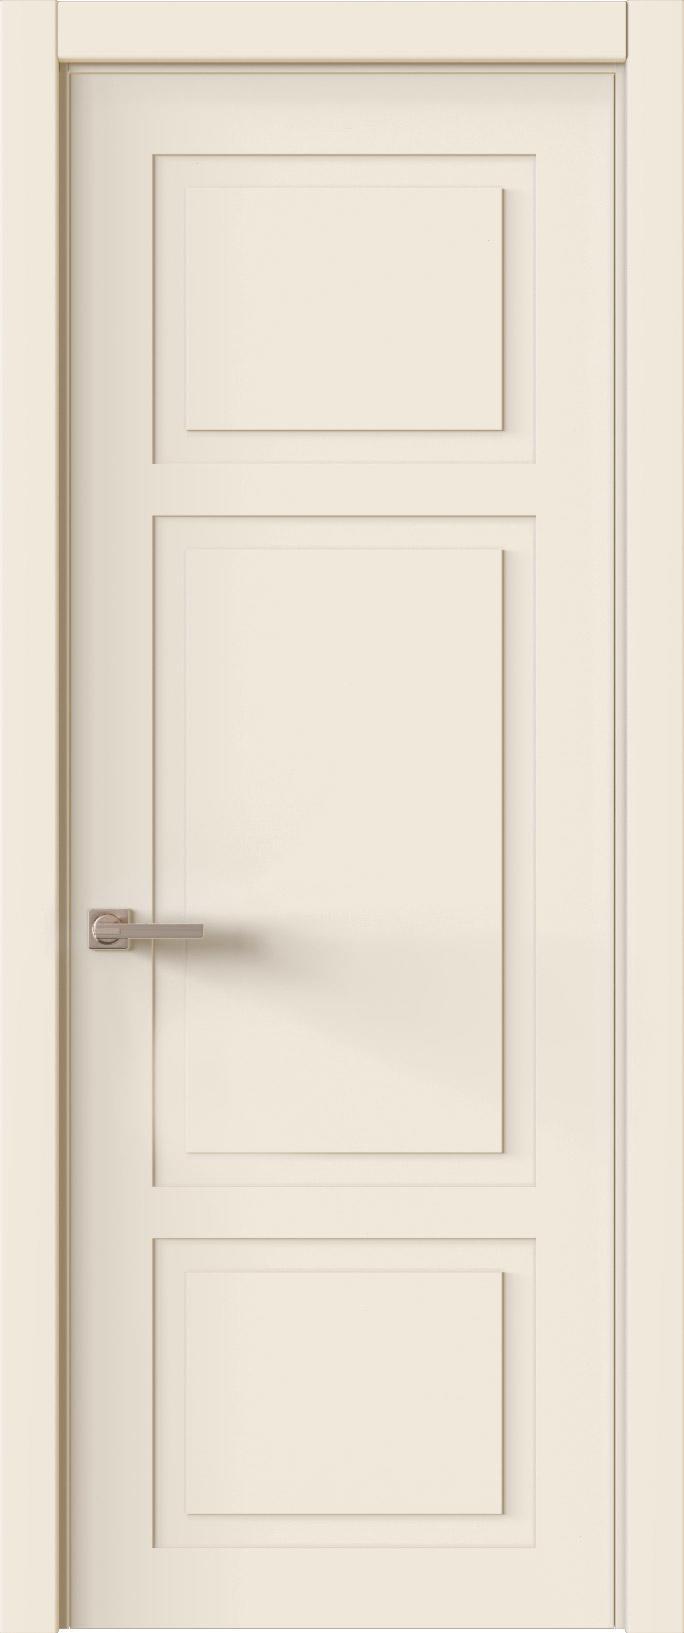 Tivoli К-5 цвет - Бежевая эмаль (RAL 9010) Без стекла (ДГ)